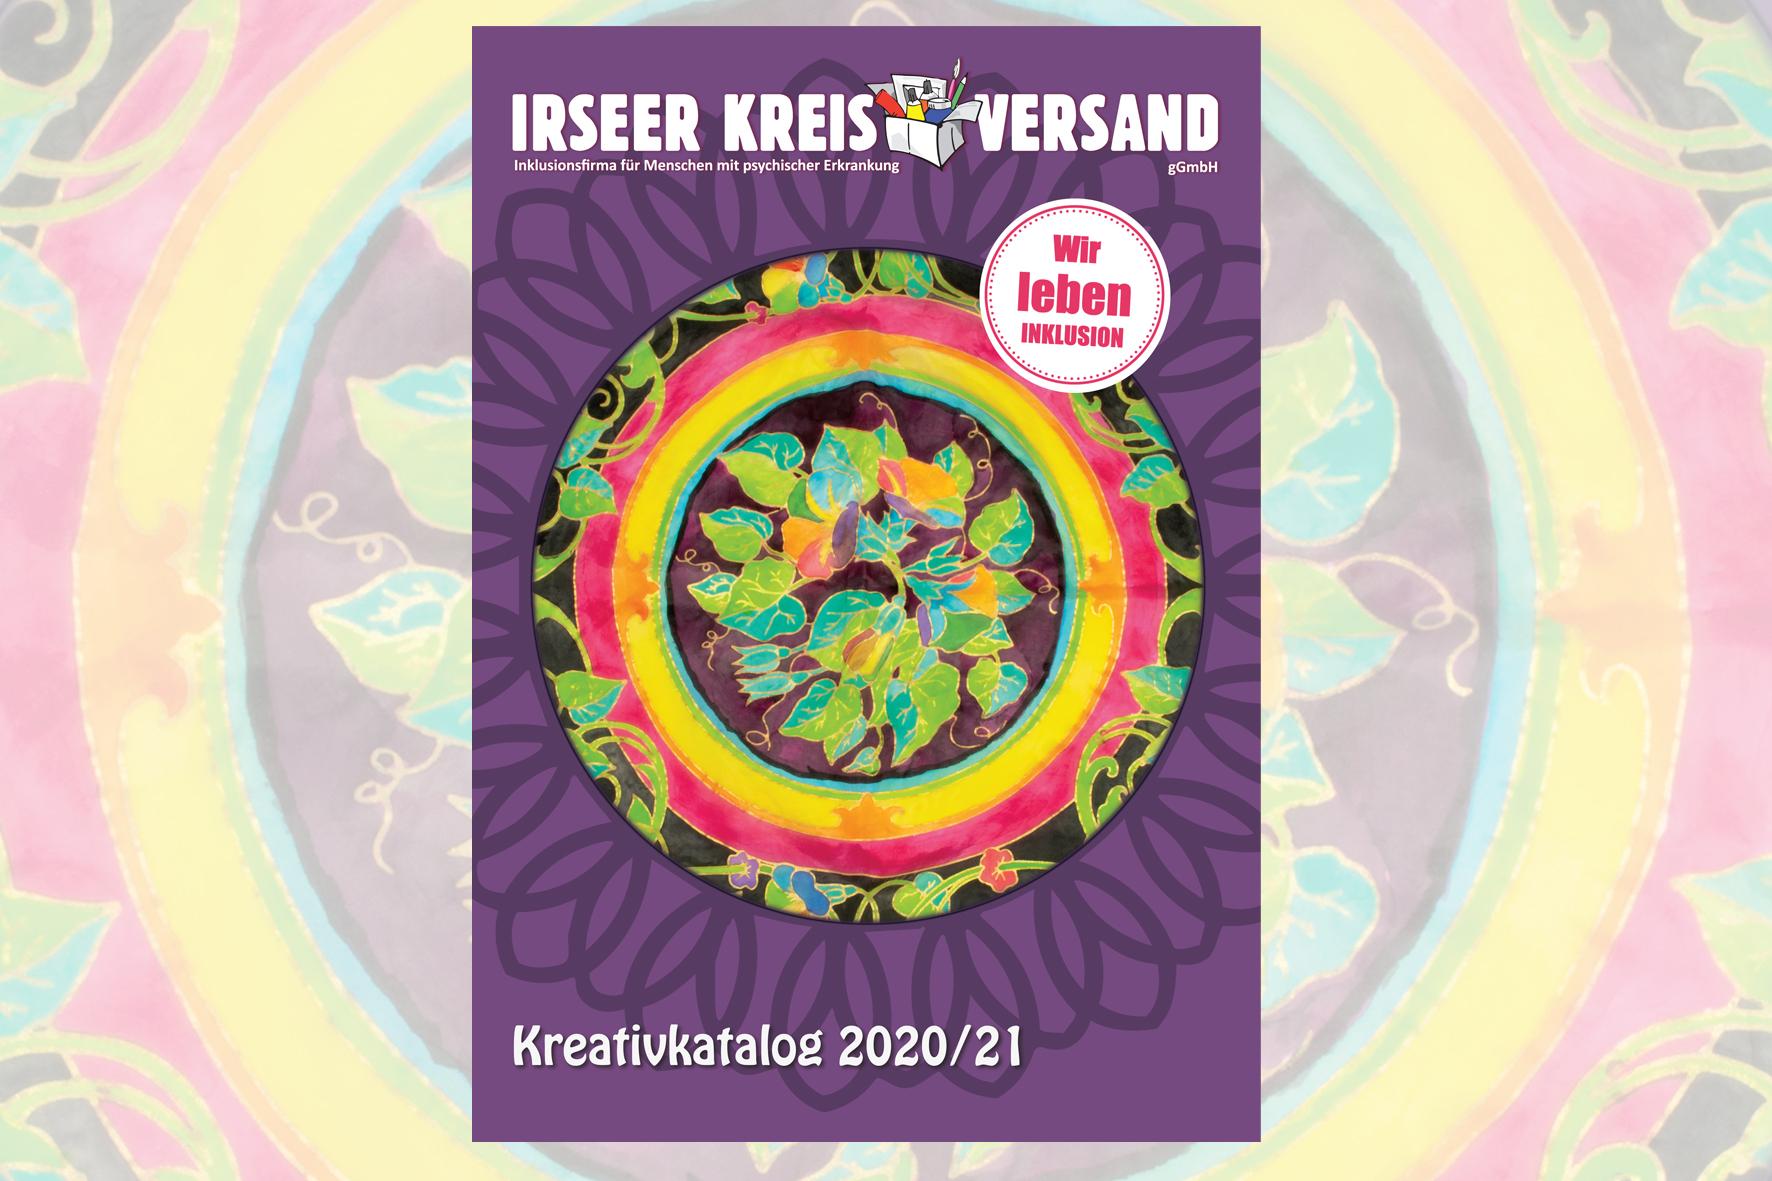 Unser Irseer Kreis Versand Katalog 2020/21 für euch bald erhältlich!